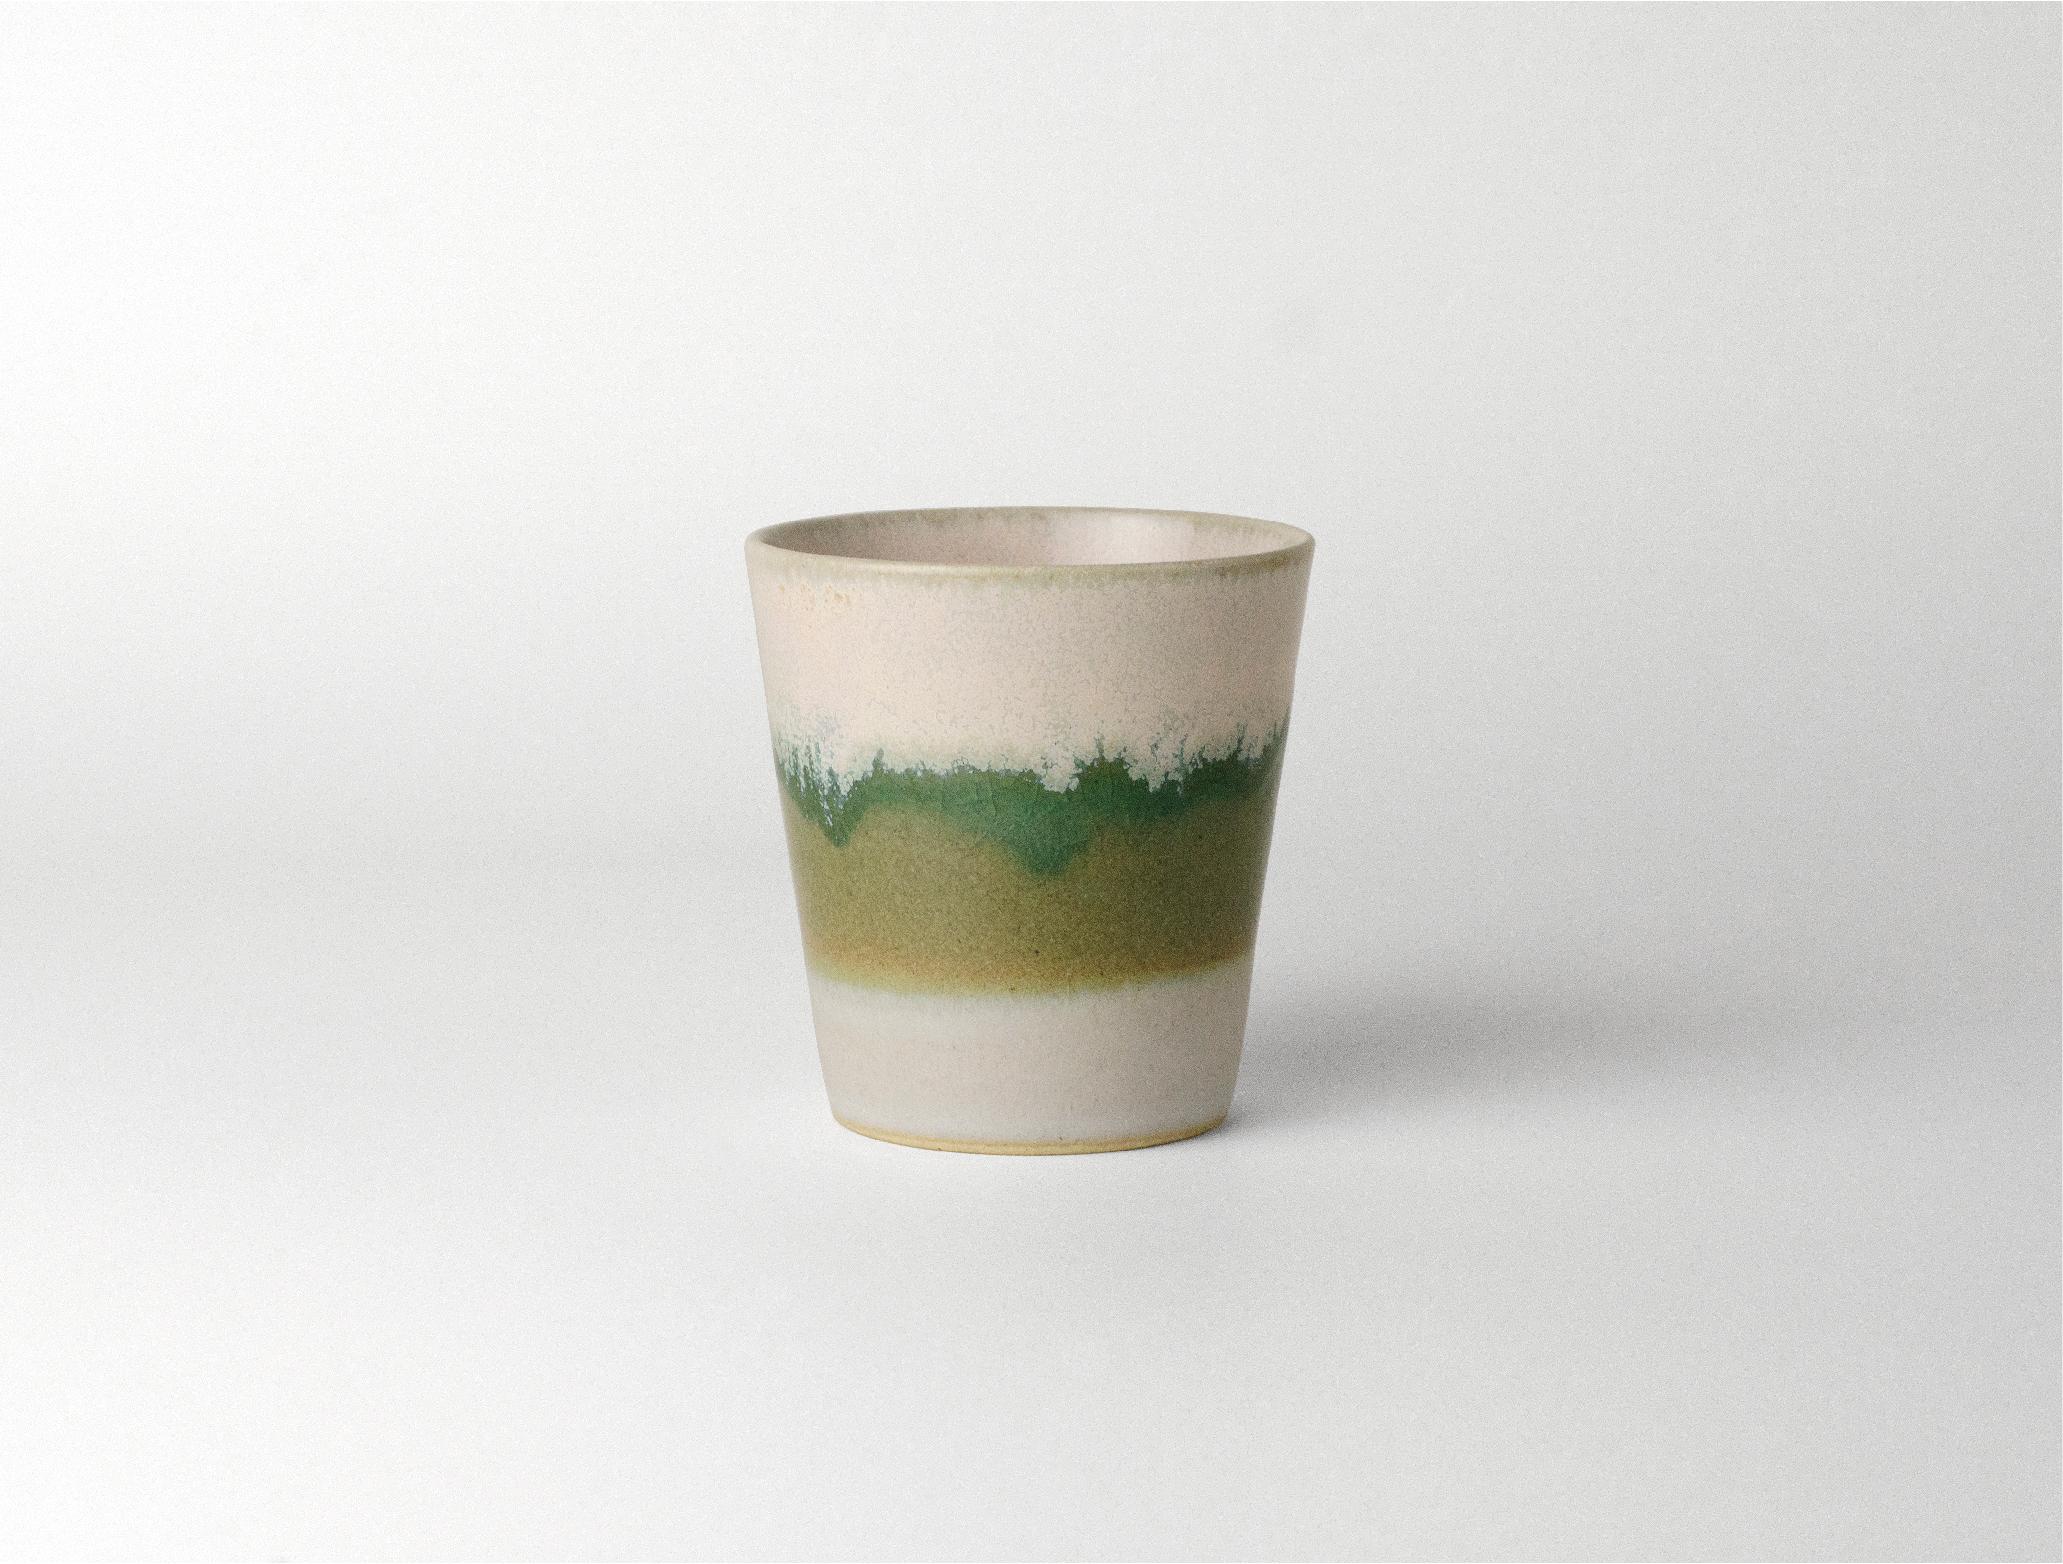 Fujisan_haru 120mlカップ イメージ